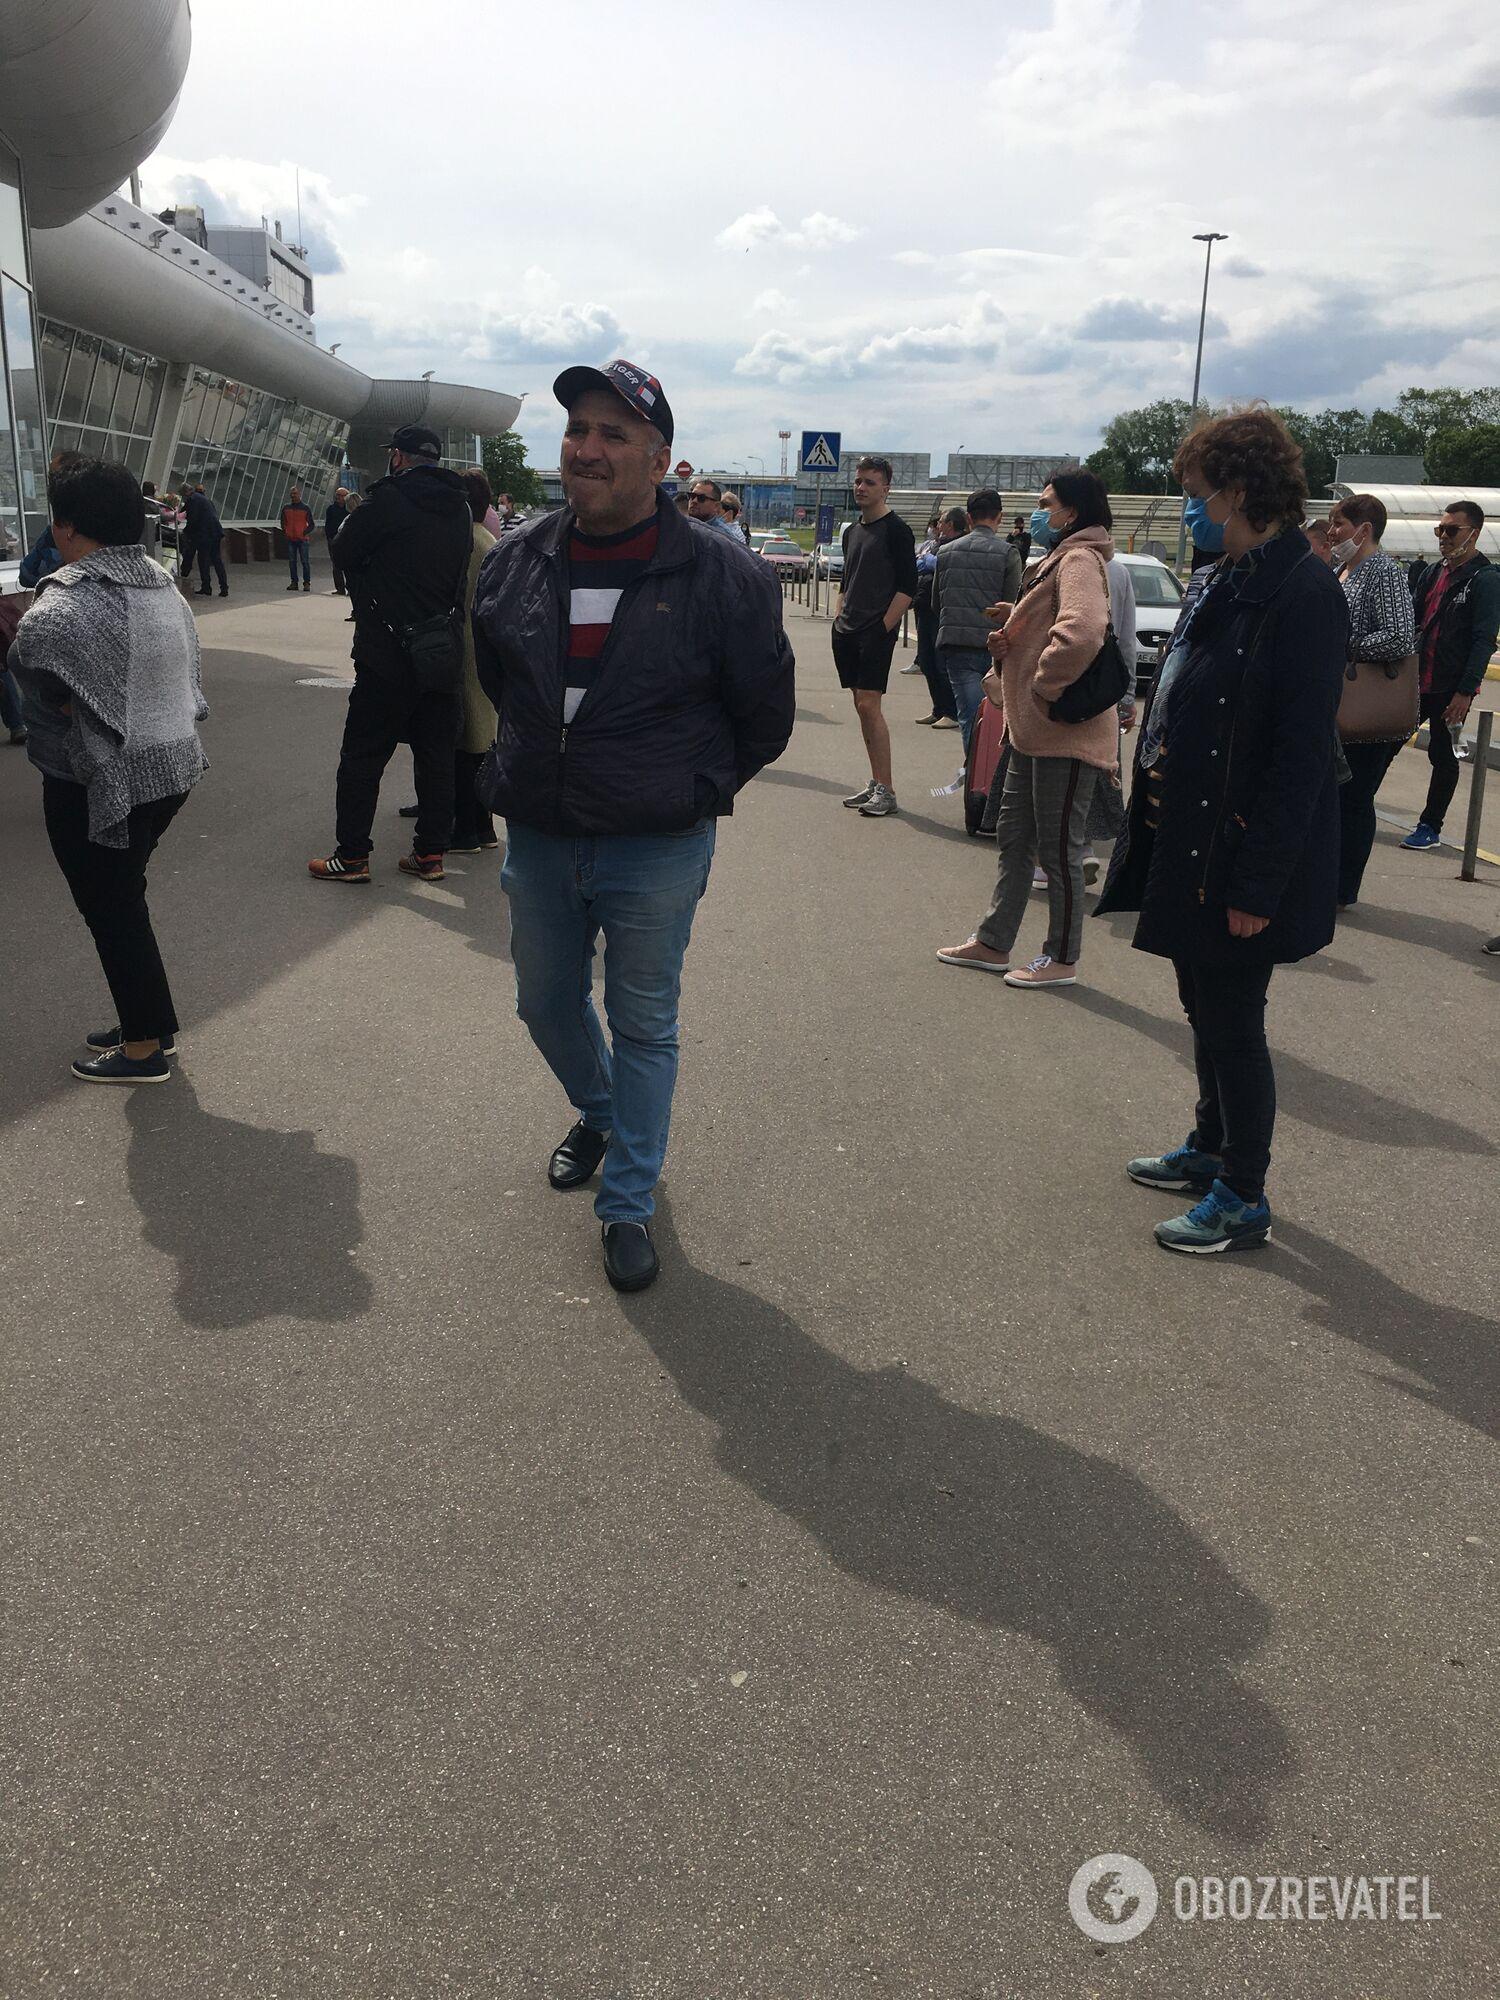 Несмотря на то, что аэропорт закрыт, нелегальные таксисты тут работают круглосуточно